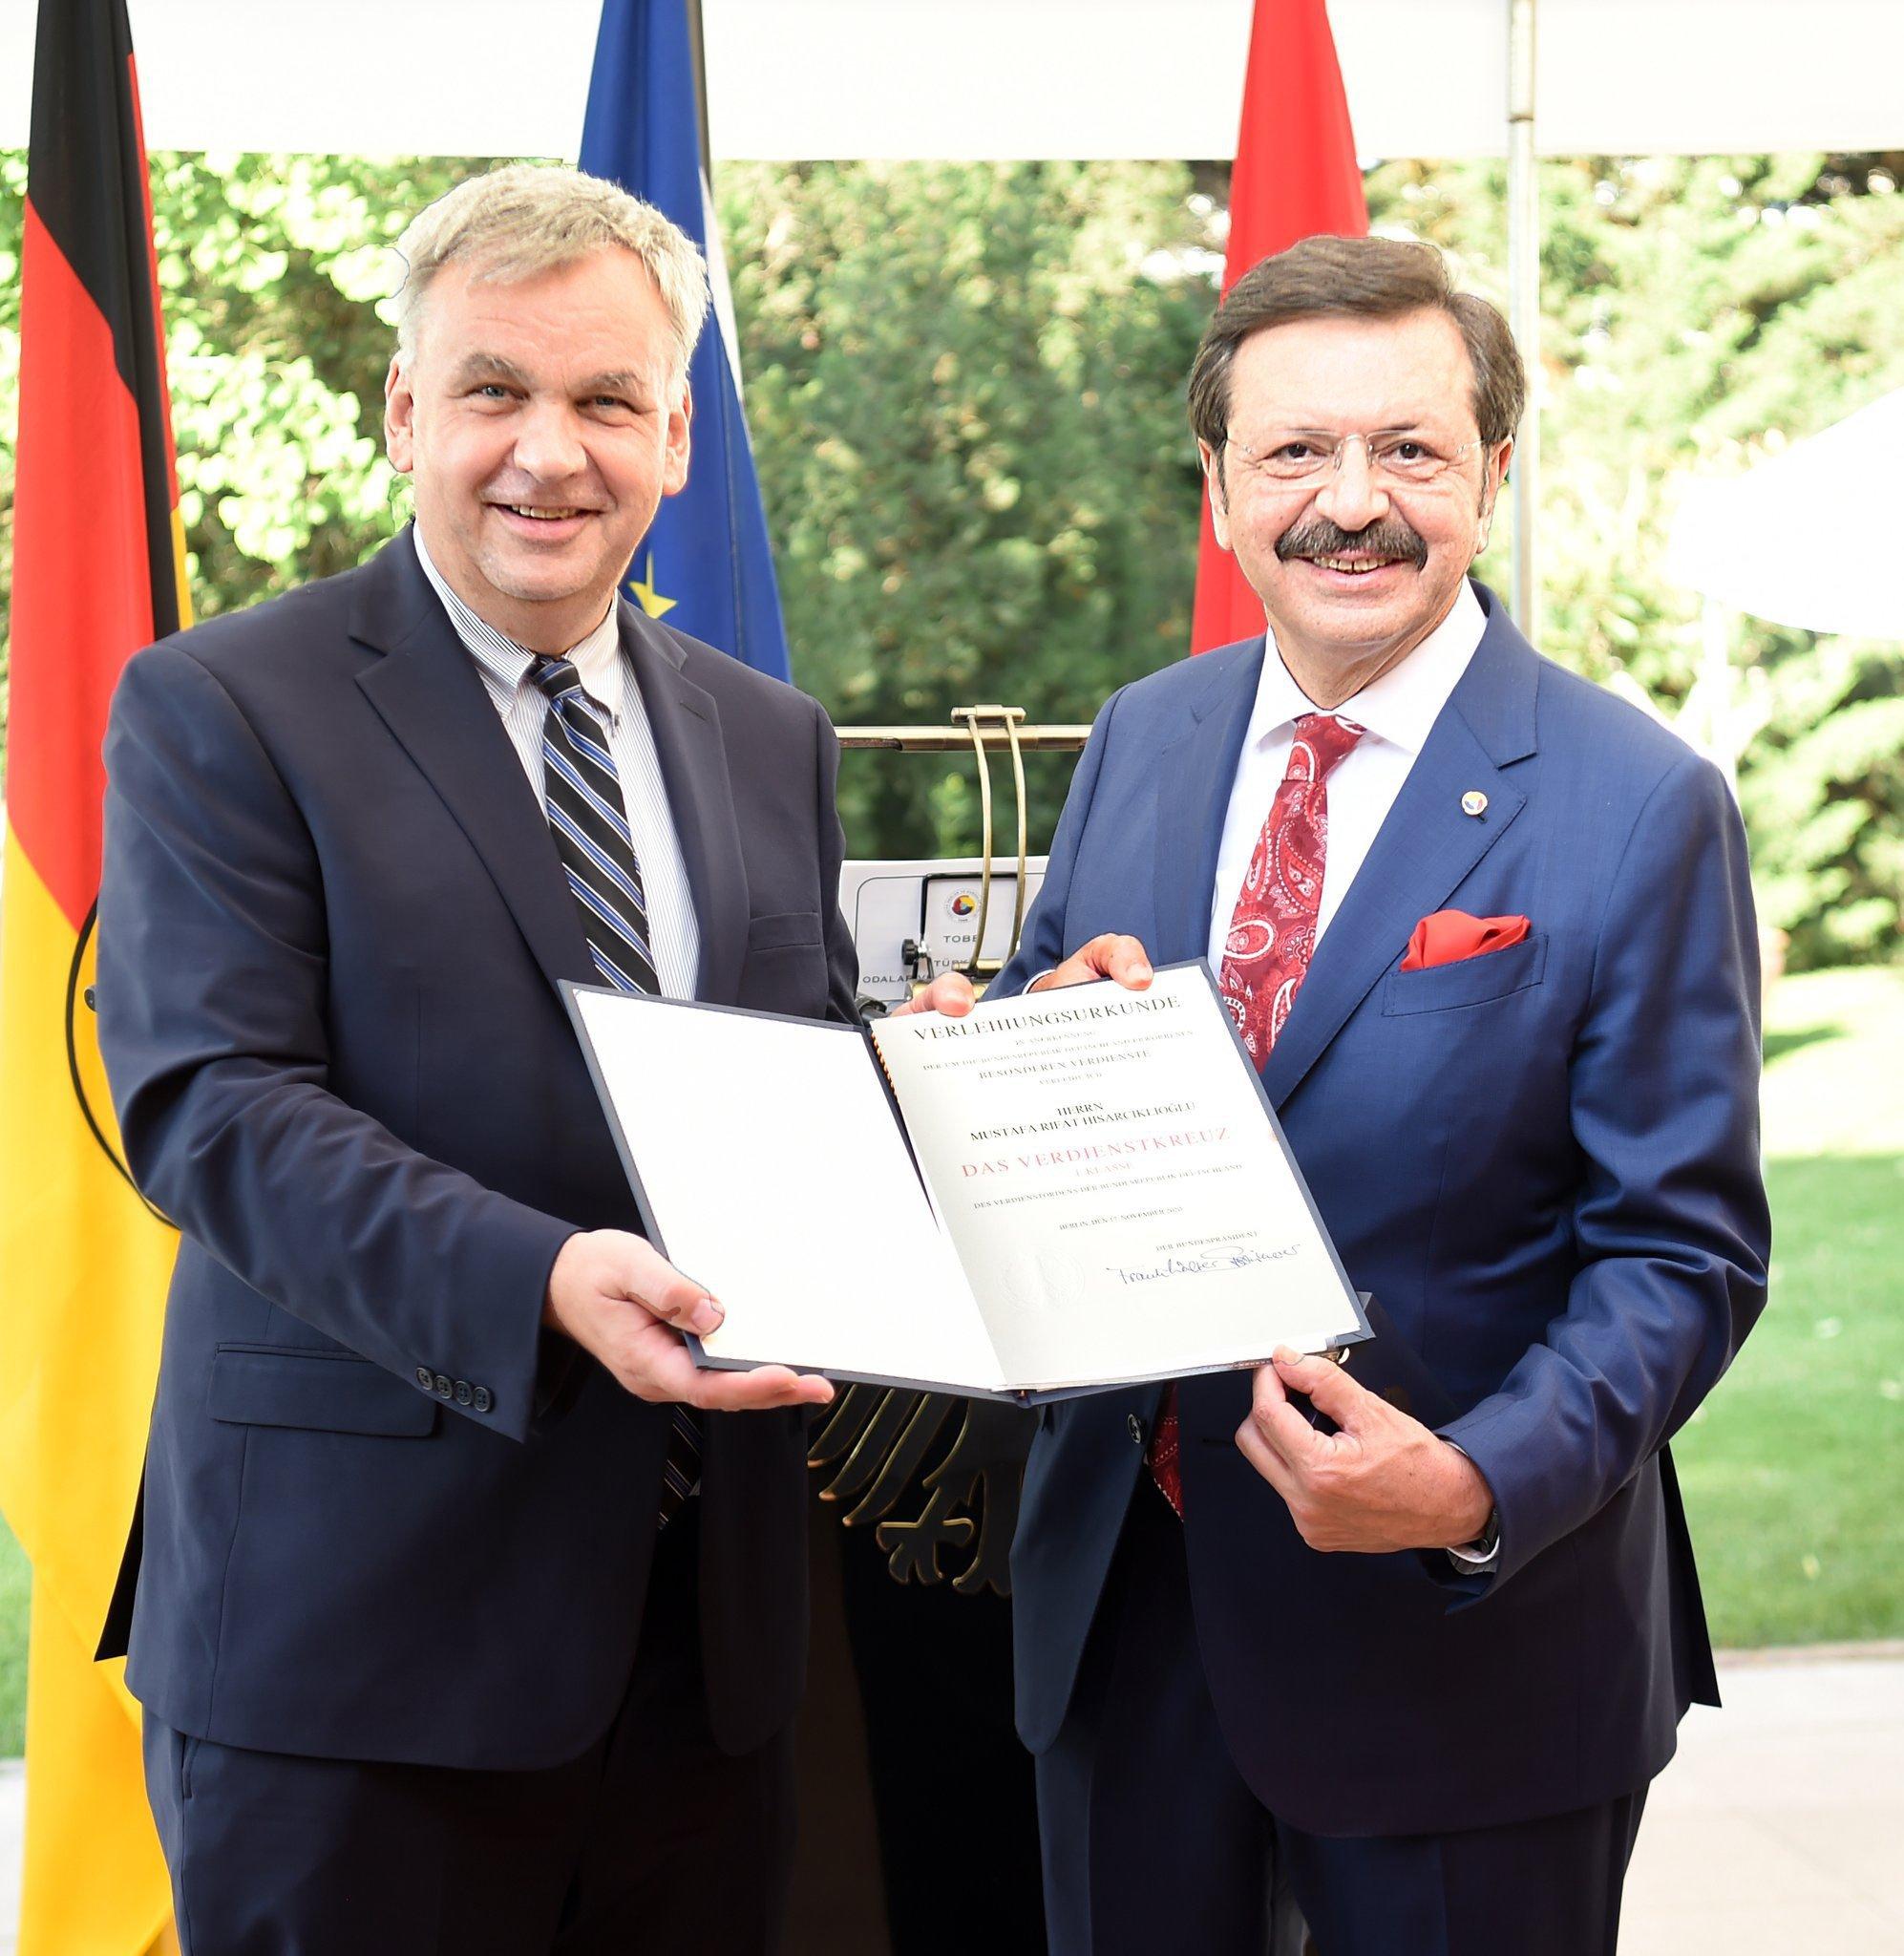 """İş dünyamız adına Almanya Federal Cumhuriyeti tarafından kendisine  """"Devlet Nişanı"""" takdim edilen TOBB Başkanımız Sn. M.Rifat HİSARCIKLIOĞLU'nu kutluyor, ulusal ve uluslararası camialardaki başarılarının devamını diliyoruz"""